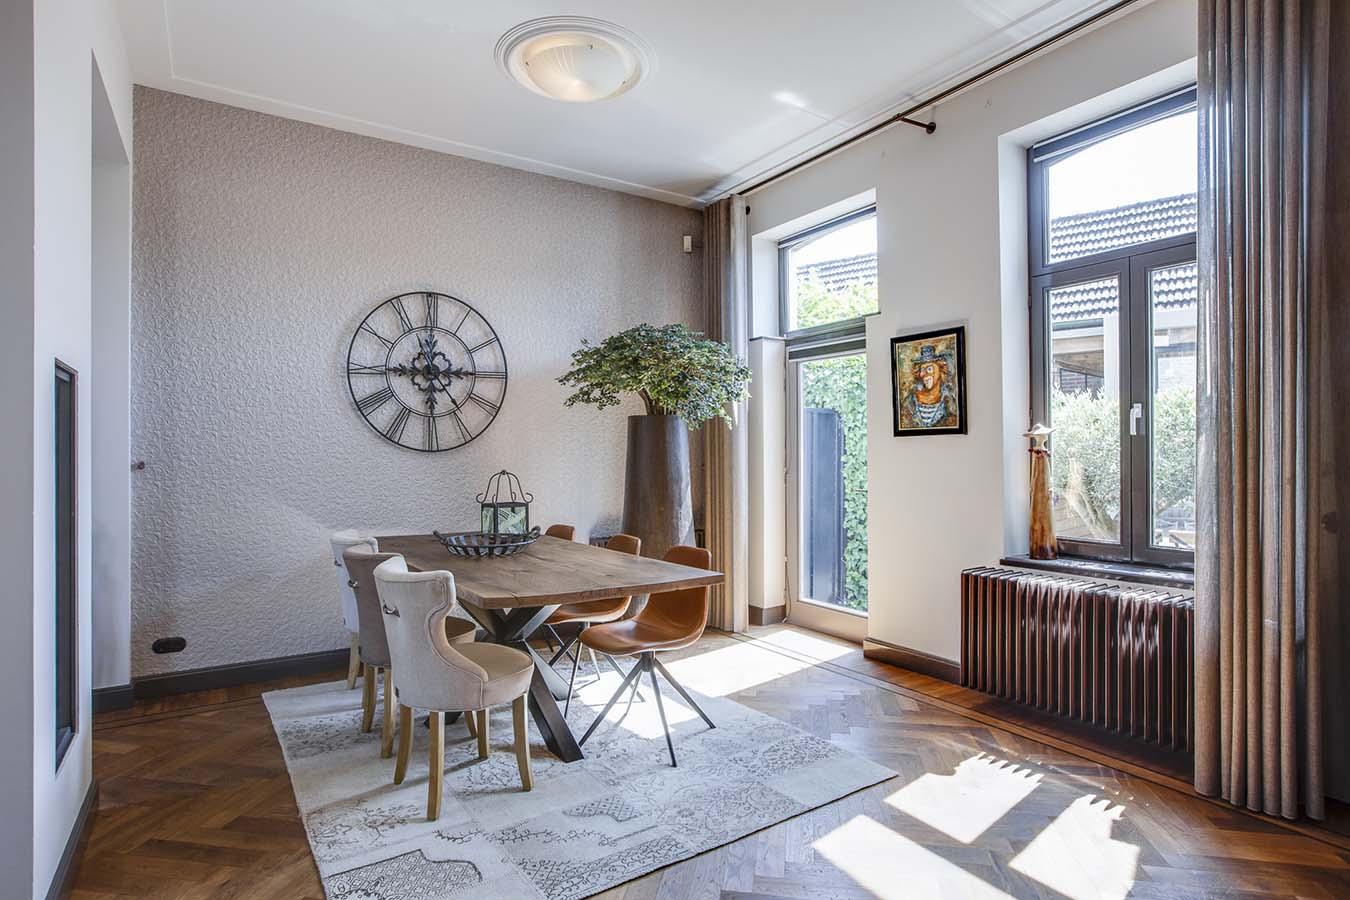 spinpoottafel met houten blad in een ruime woonkamer